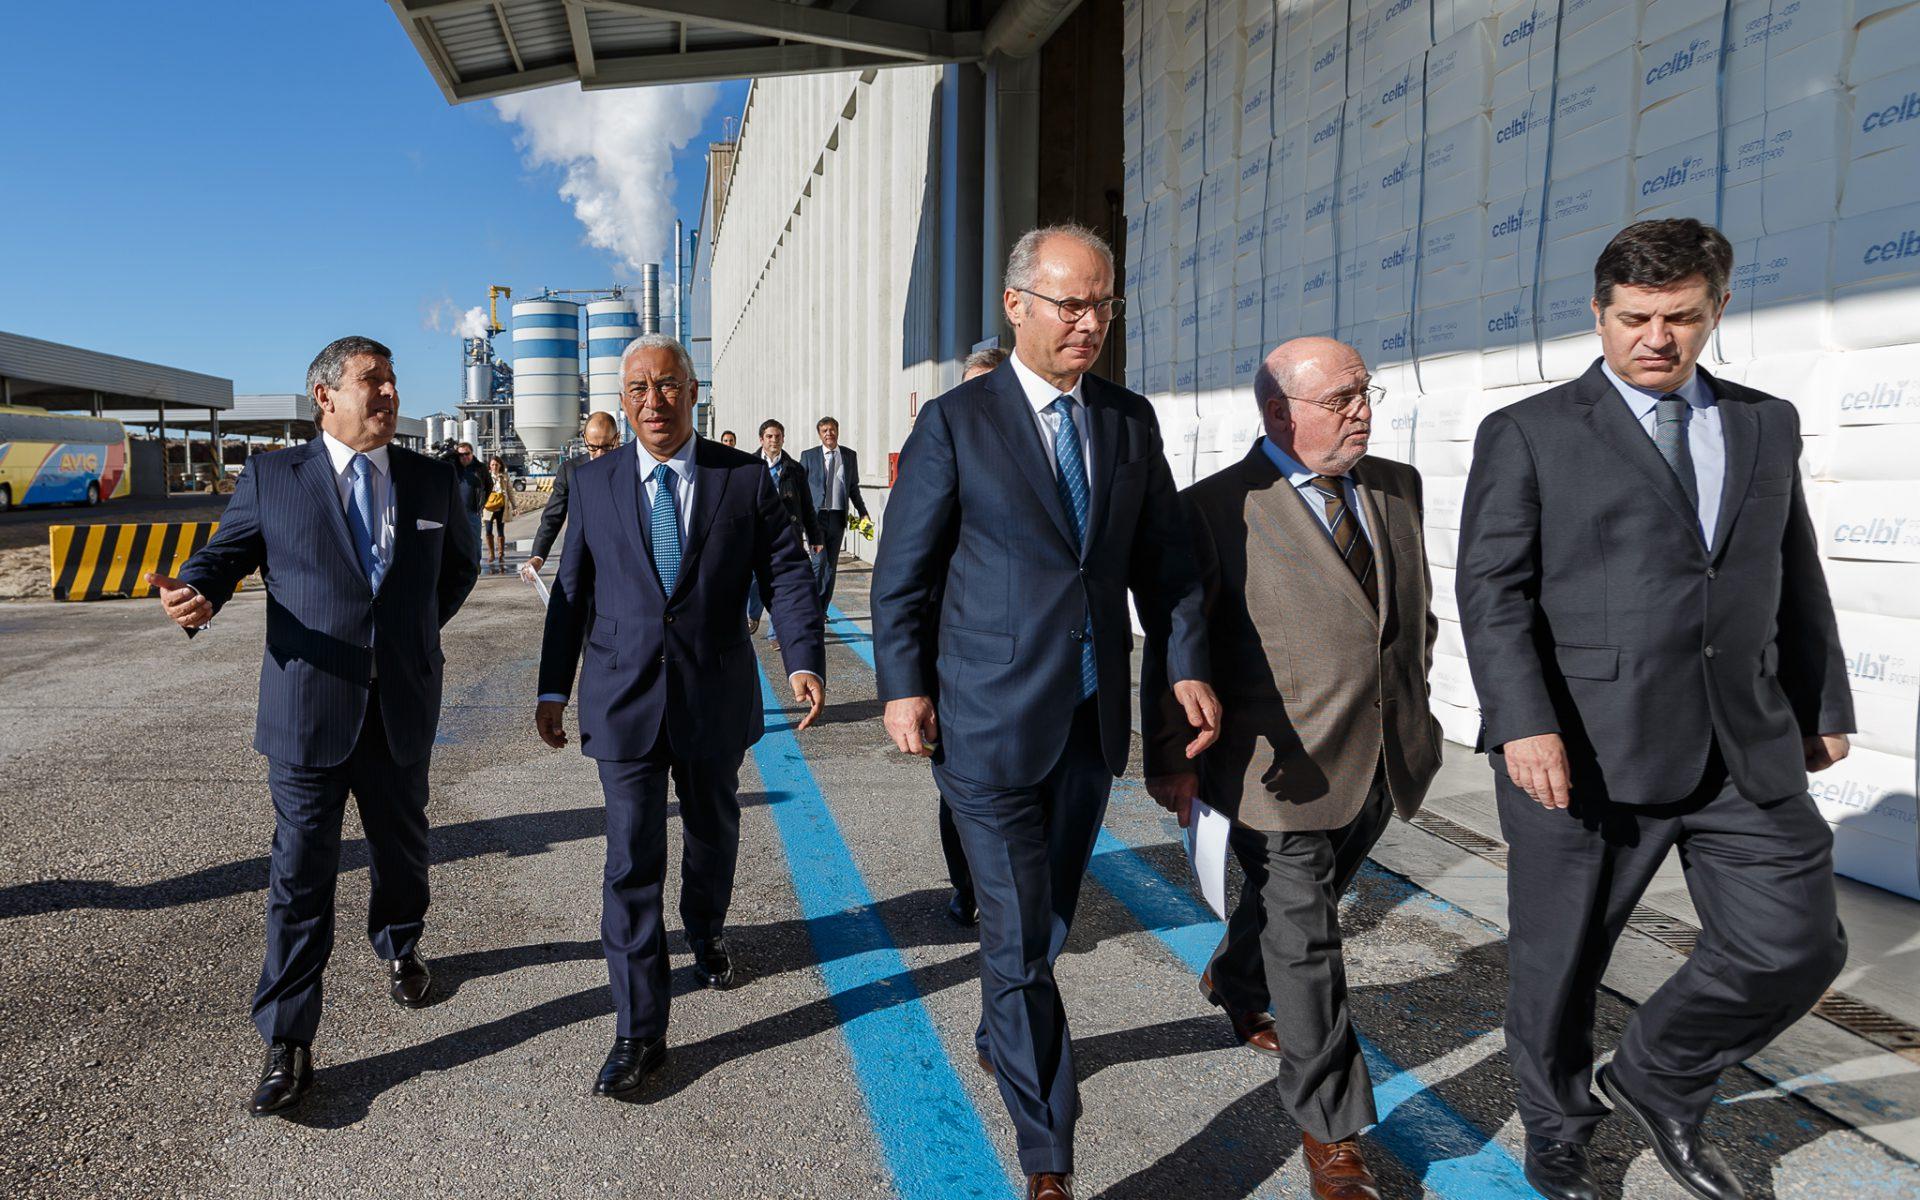 Paulo Fernandes e Borges de Oliveira, recebem o primeiro-ministro, António Costa, na cerimónia que selou o acordo de investimento com o Estado português